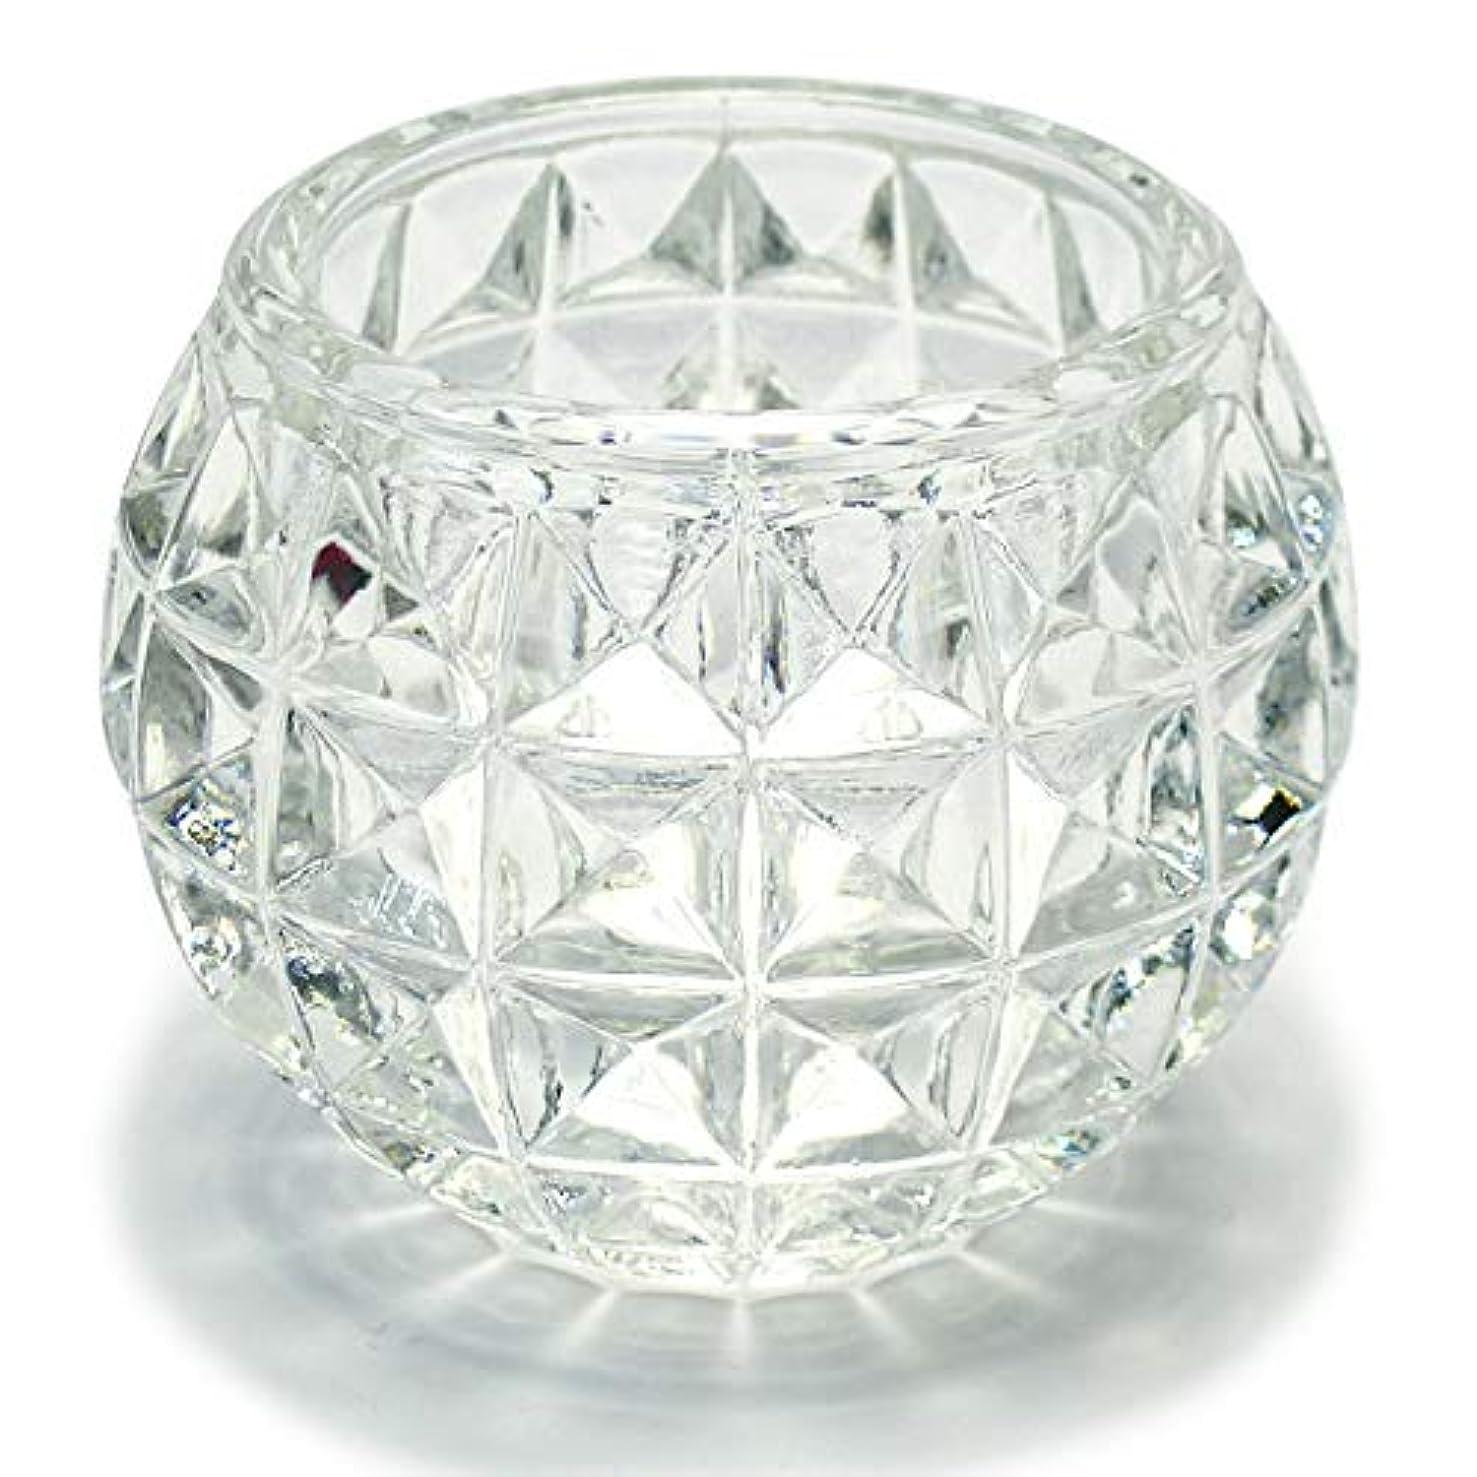 失効アジア知覚的キャンドルホルダー ガラス 5 キャンドルスタンド クリスマス ティーキャンドル 誕生日 記念日